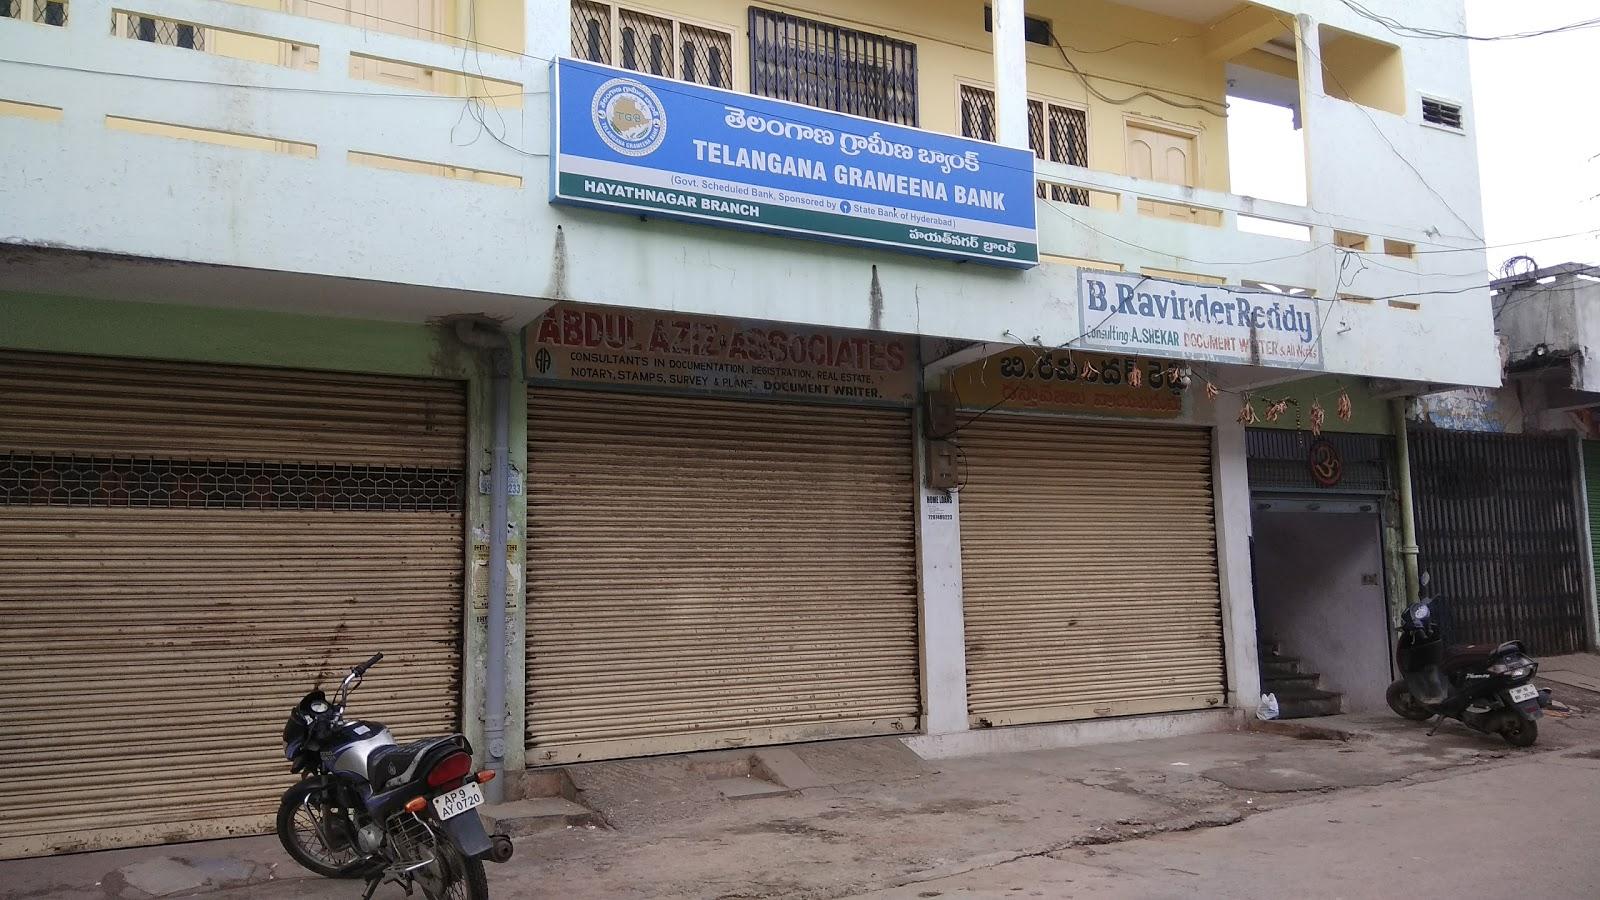 blood bank Telangana Grameena Bank near Hyderabad Telangana